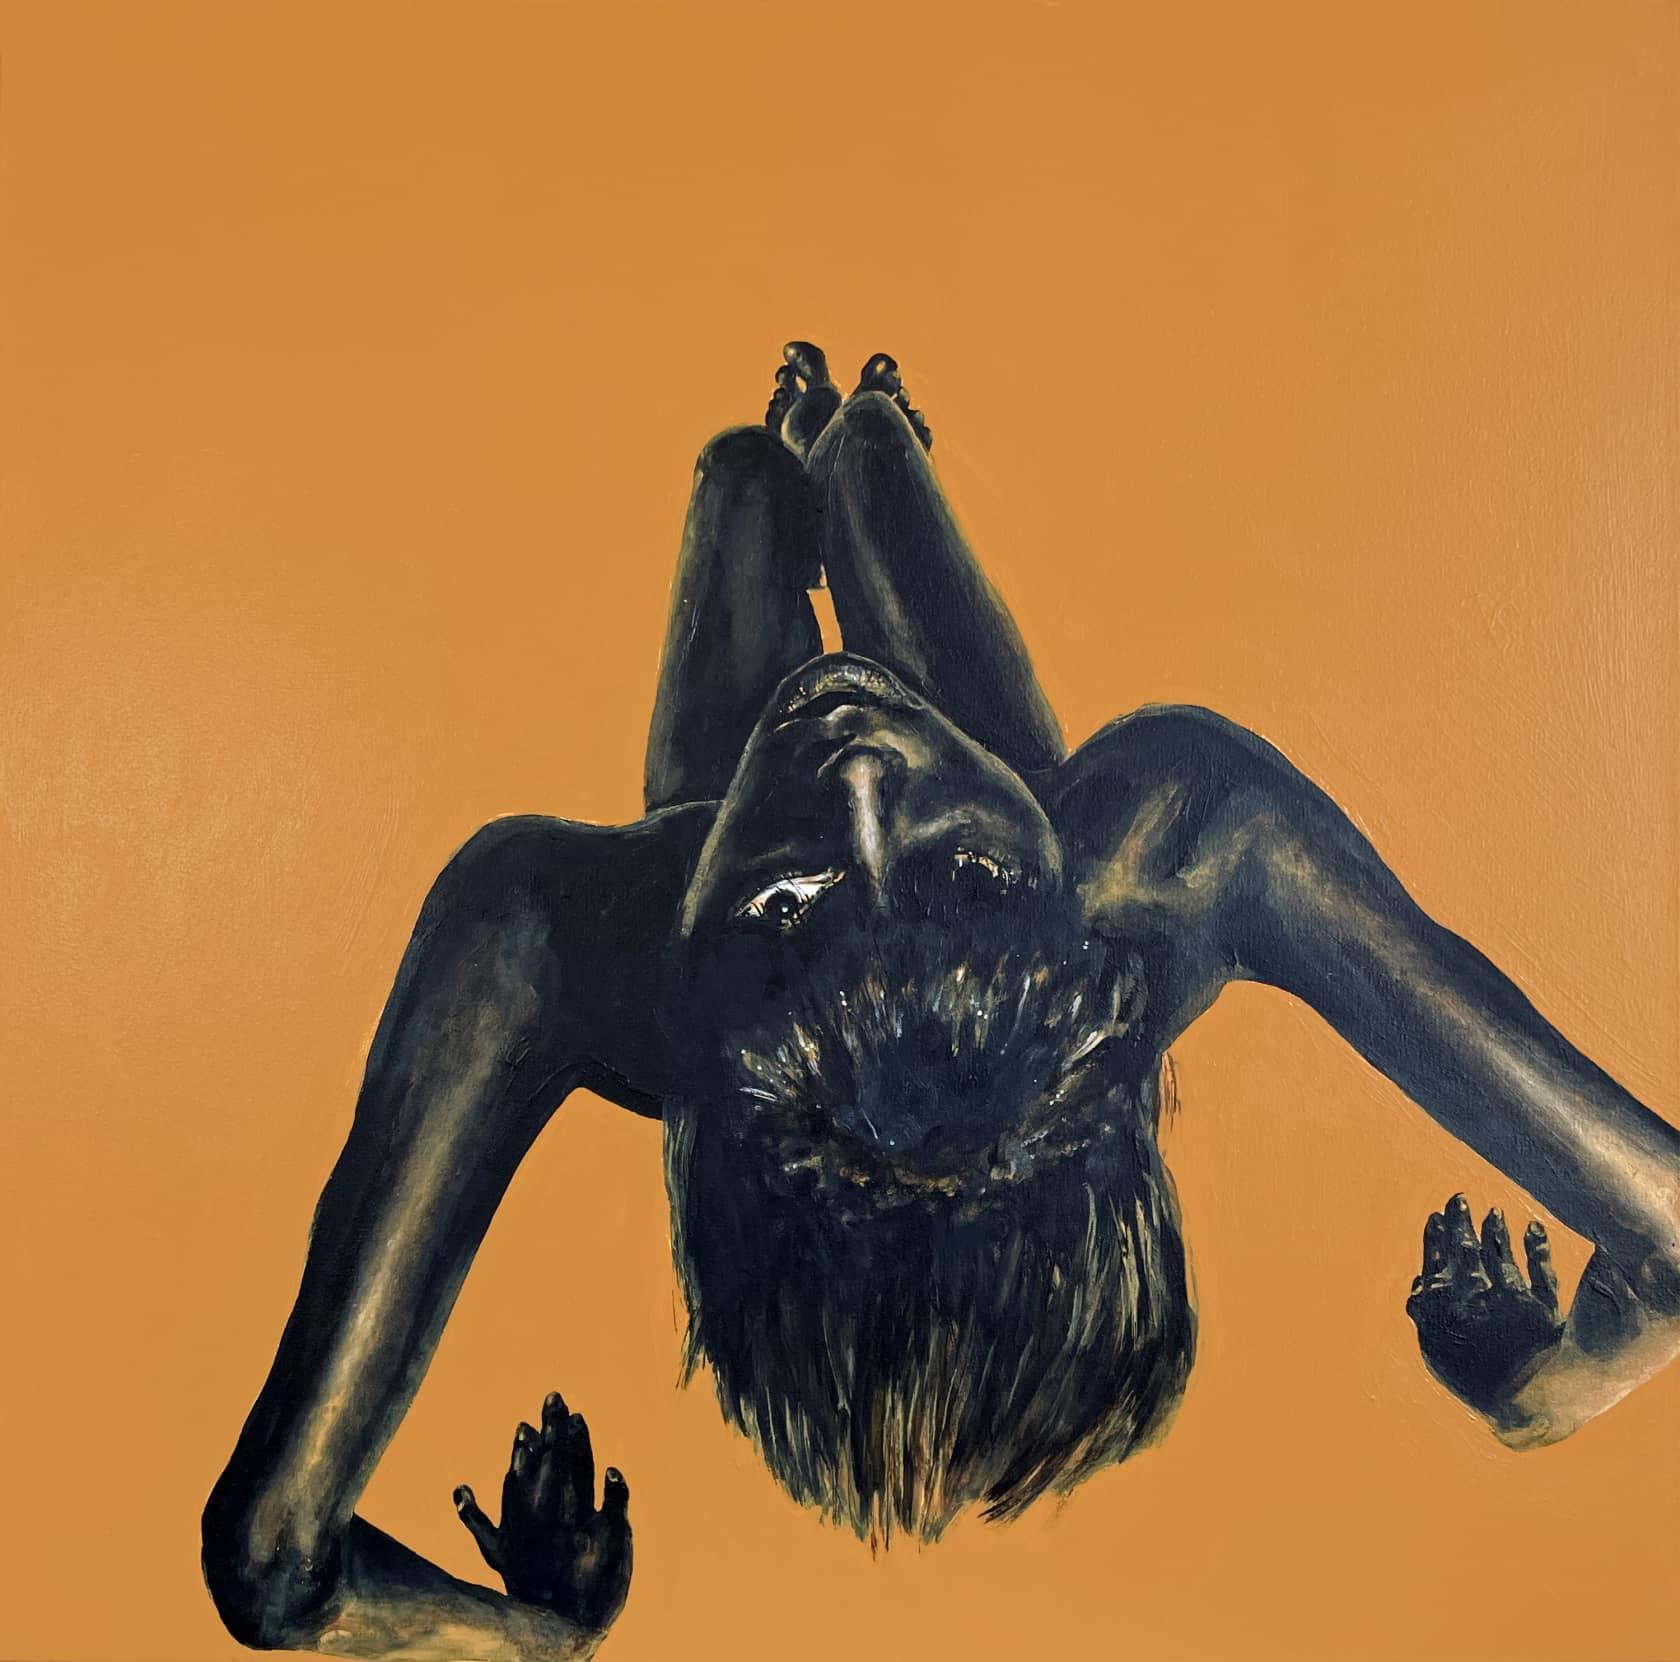 Dawn Okoro, Angles, 2021